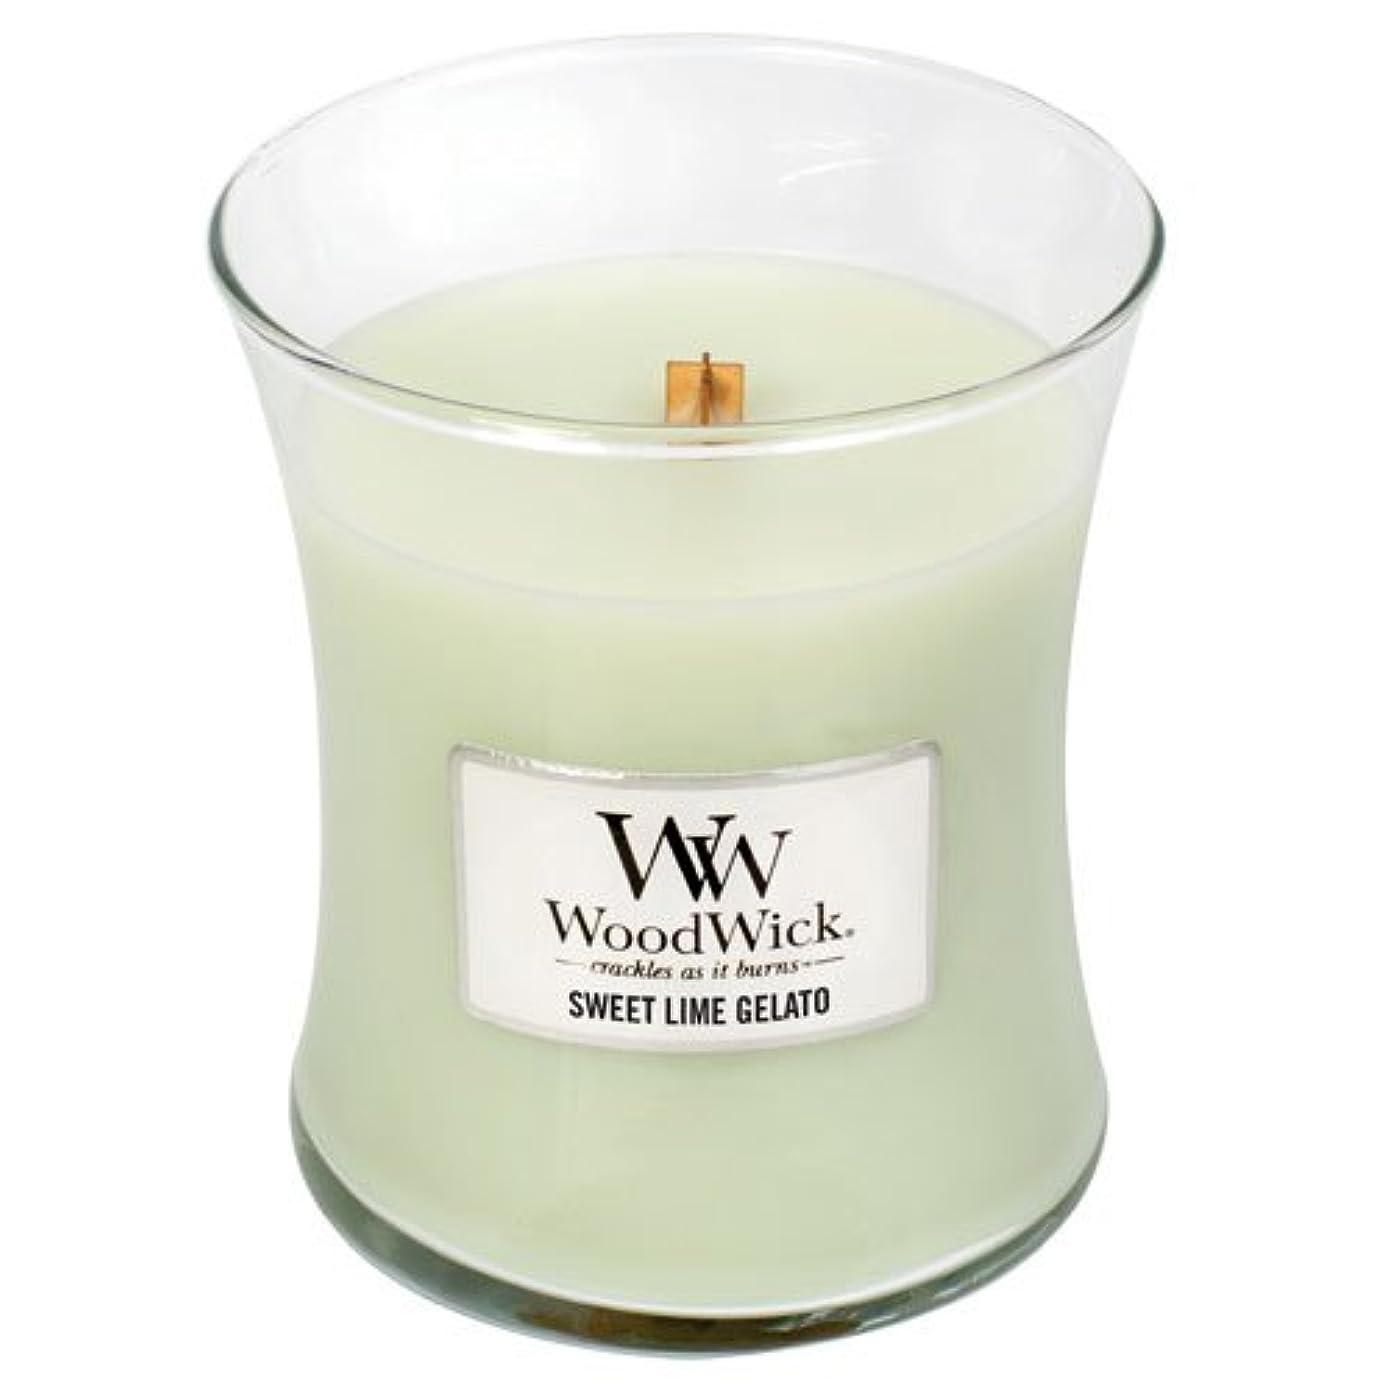 容疑者覚えているペインティングSweetライムGelato WoodWick 10oz香りつきJar Candle